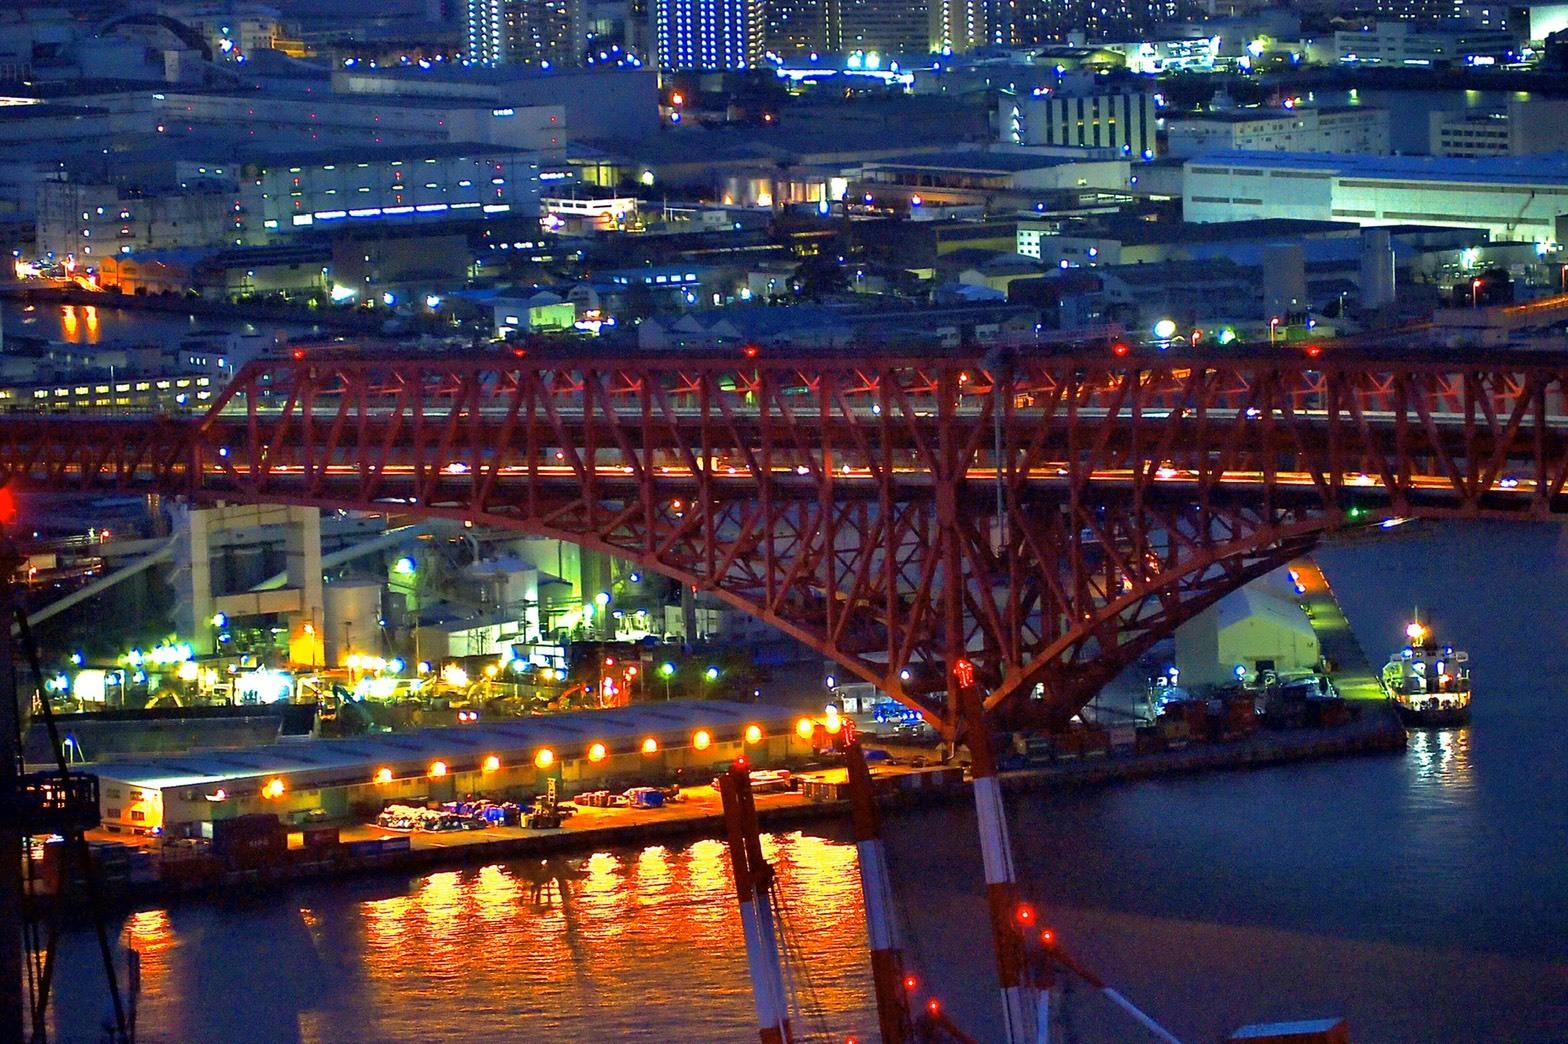 ぴーきち&ダイナ ランチツーリング 咲洲庁舎 コスモタワー 展望台 夜景